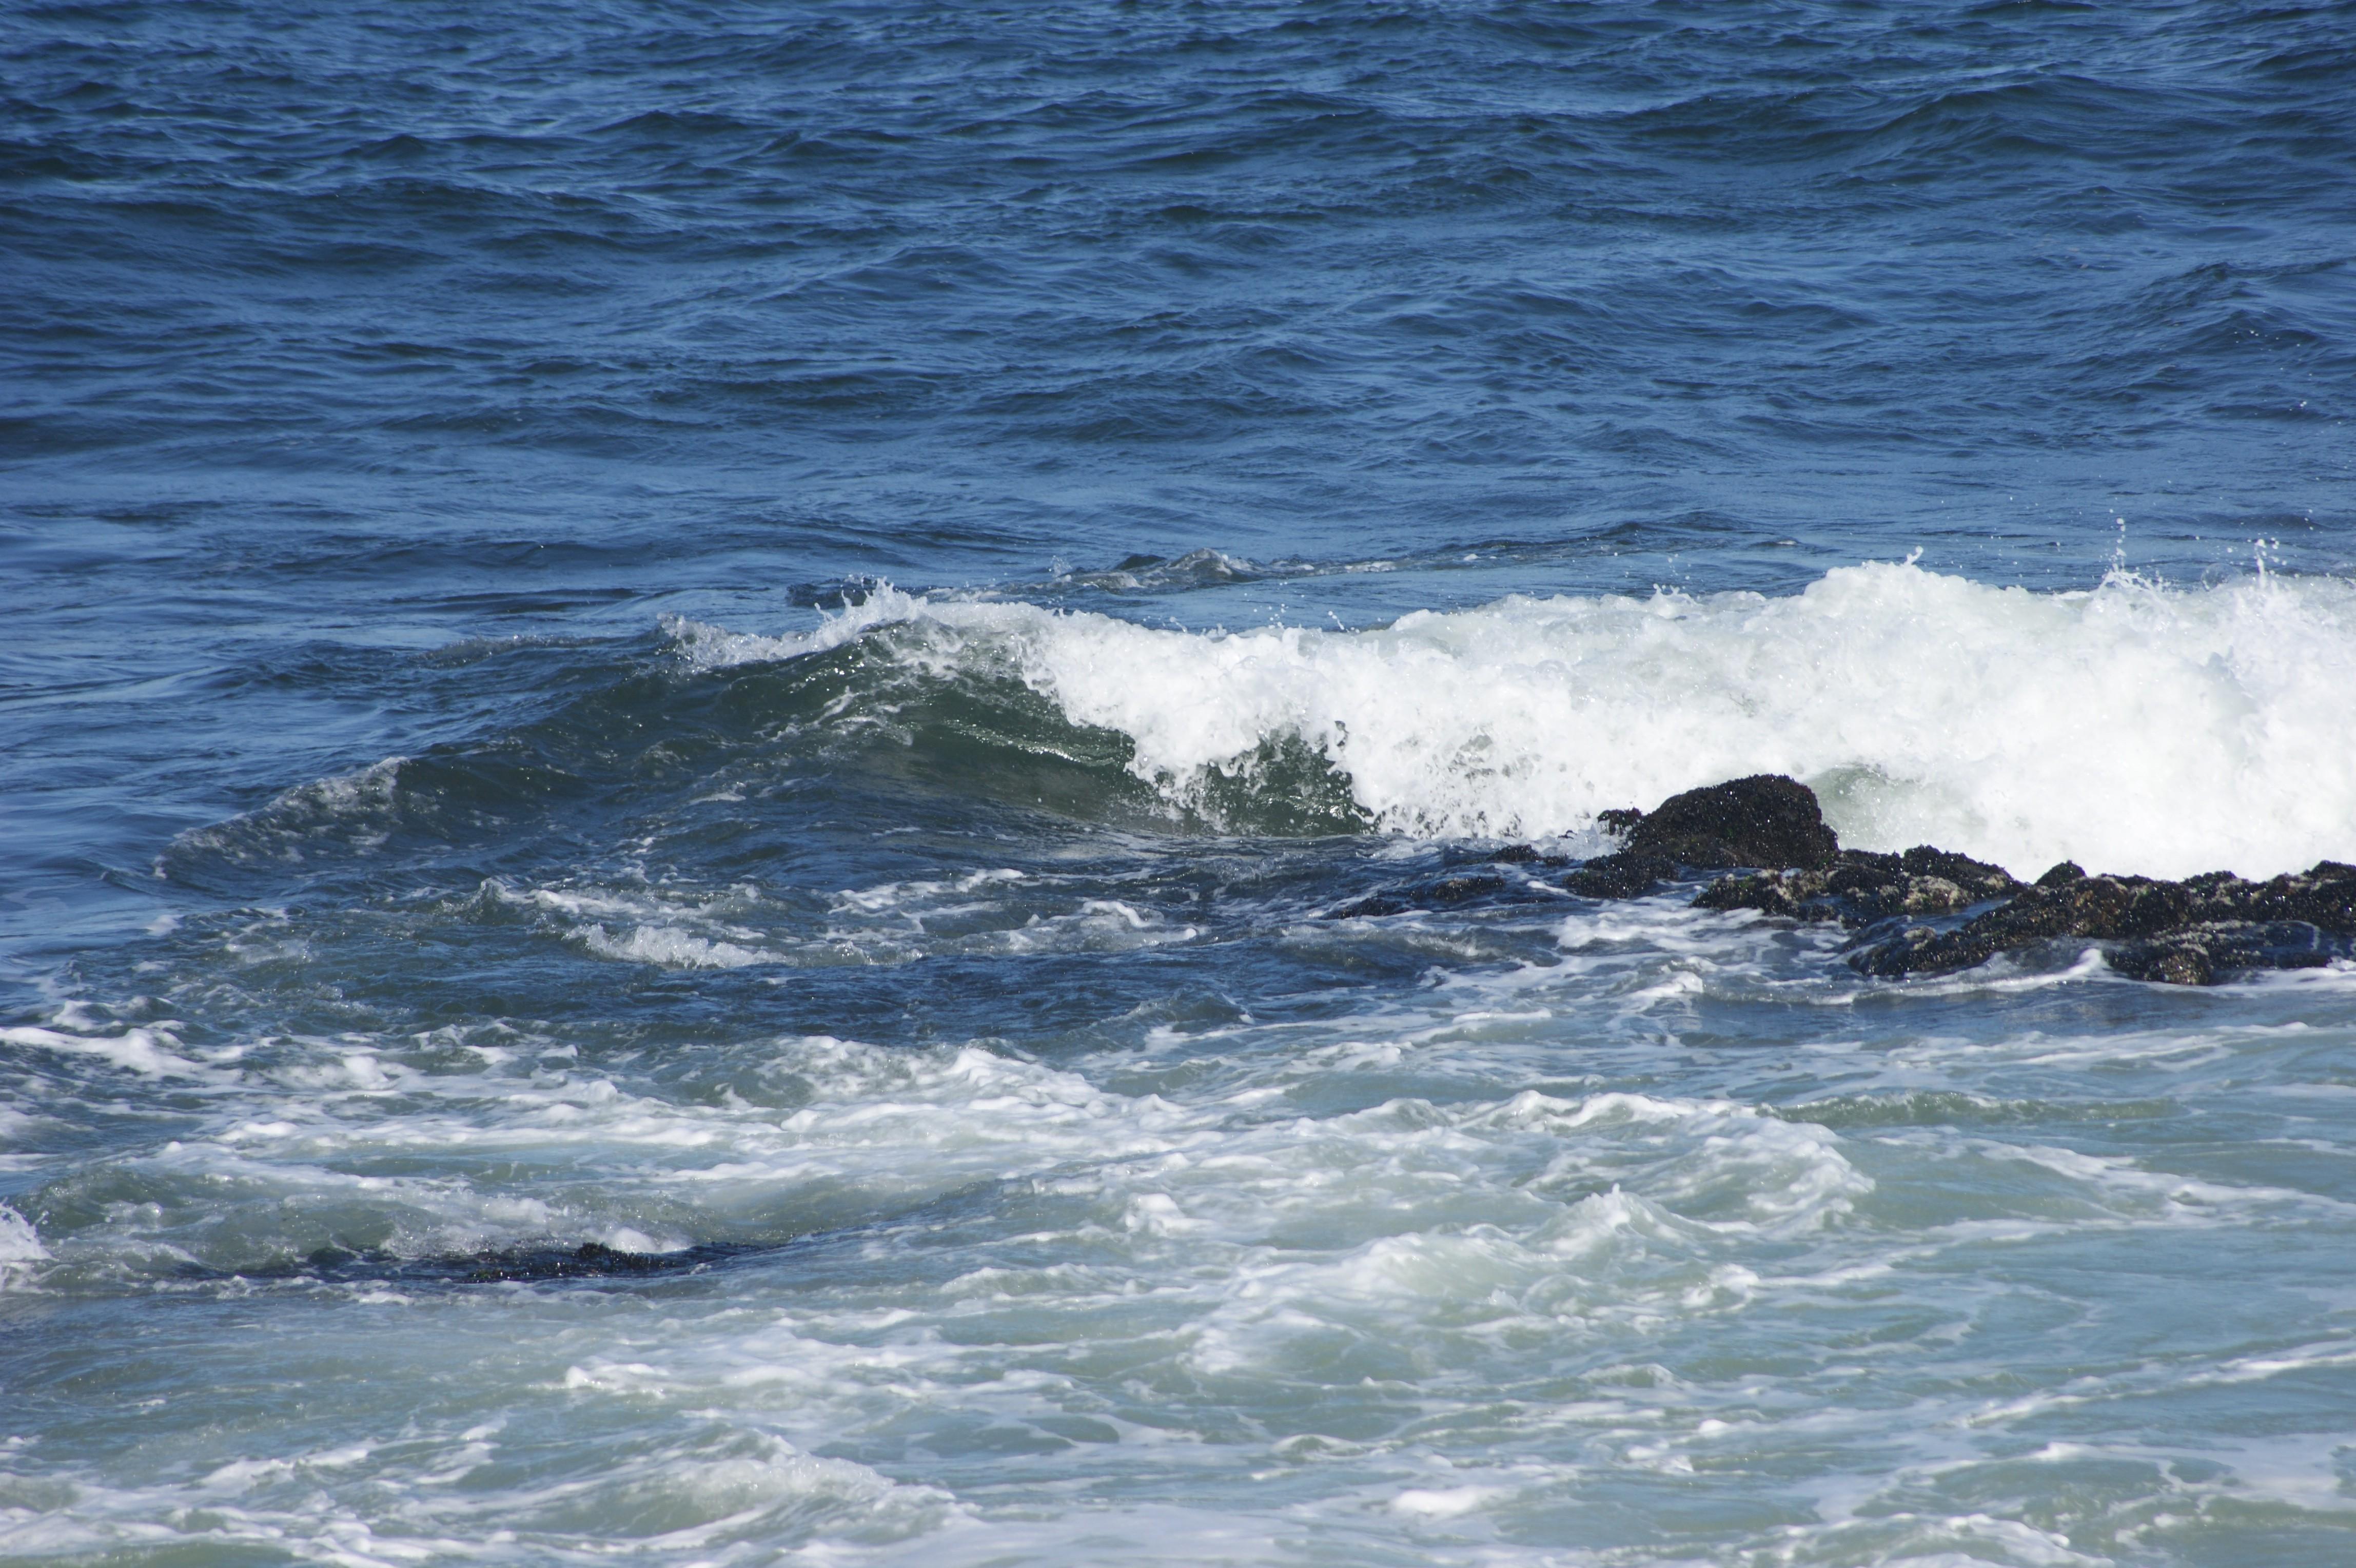 As águas do oceano ainda são um pouco alcalinas (Foto: Rosina Peixoto/Wikimedia Commons)